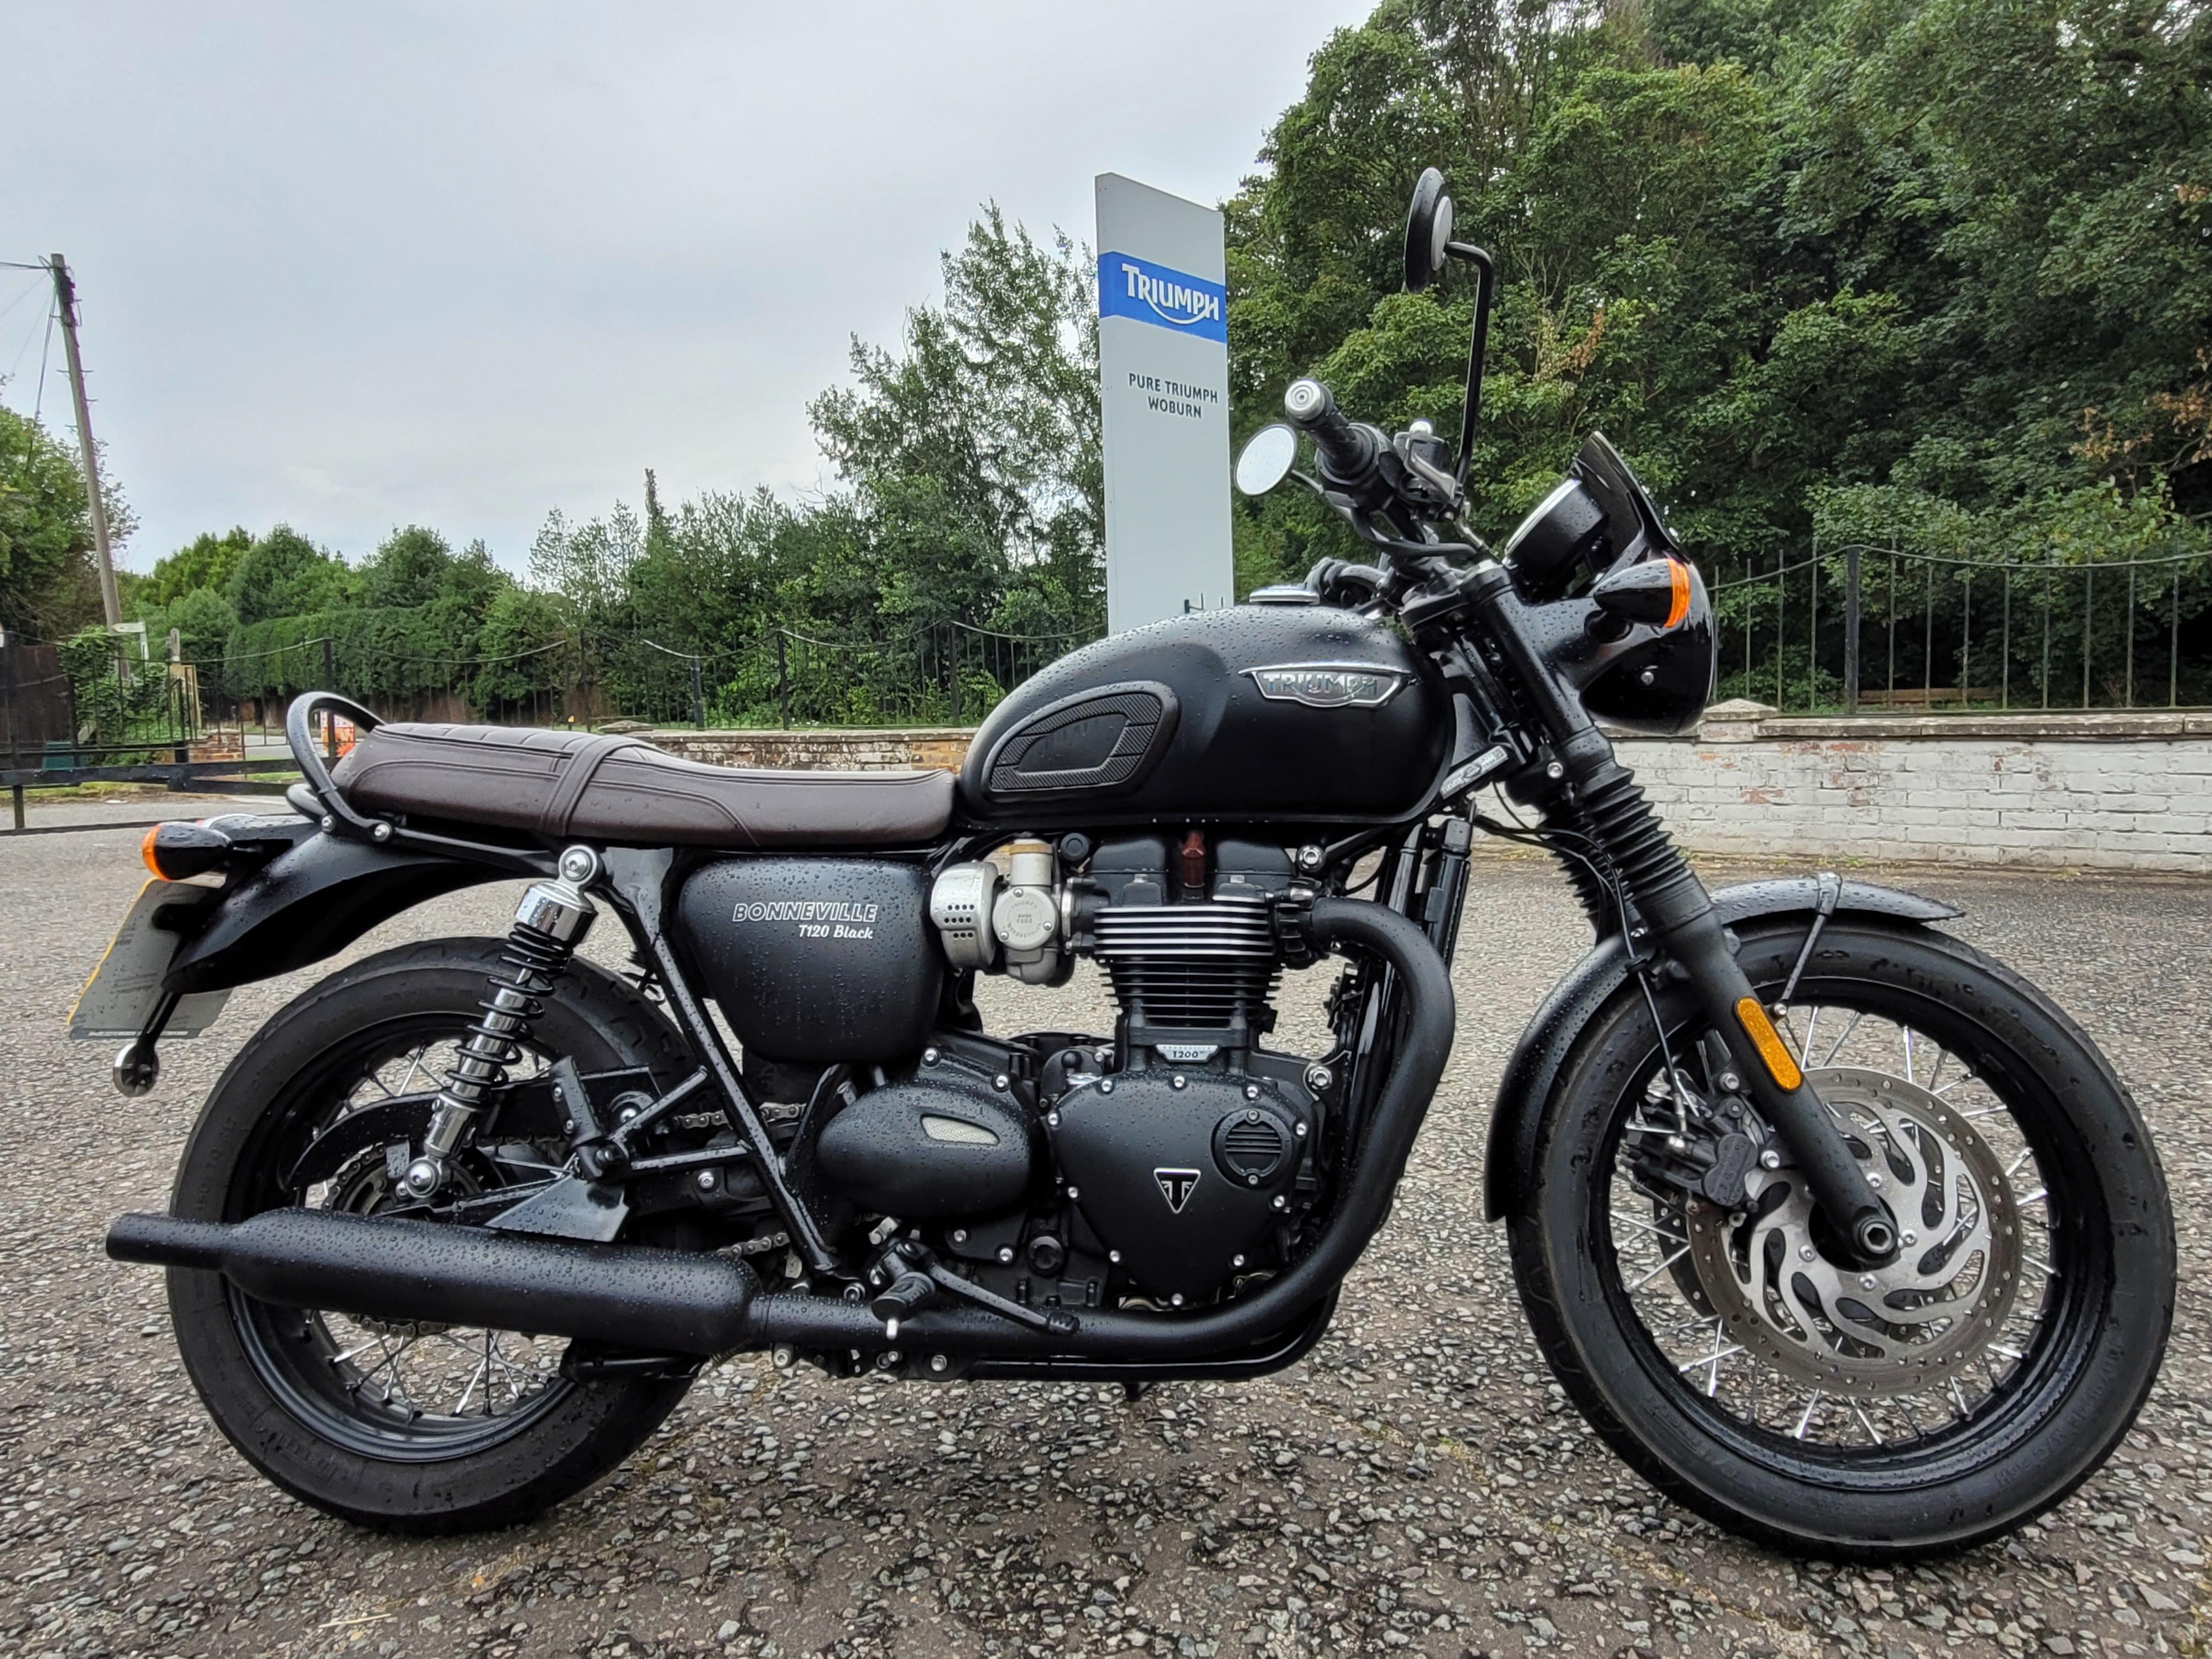 TRIUMPH Bonneville T120 Black   Classic (2020) image